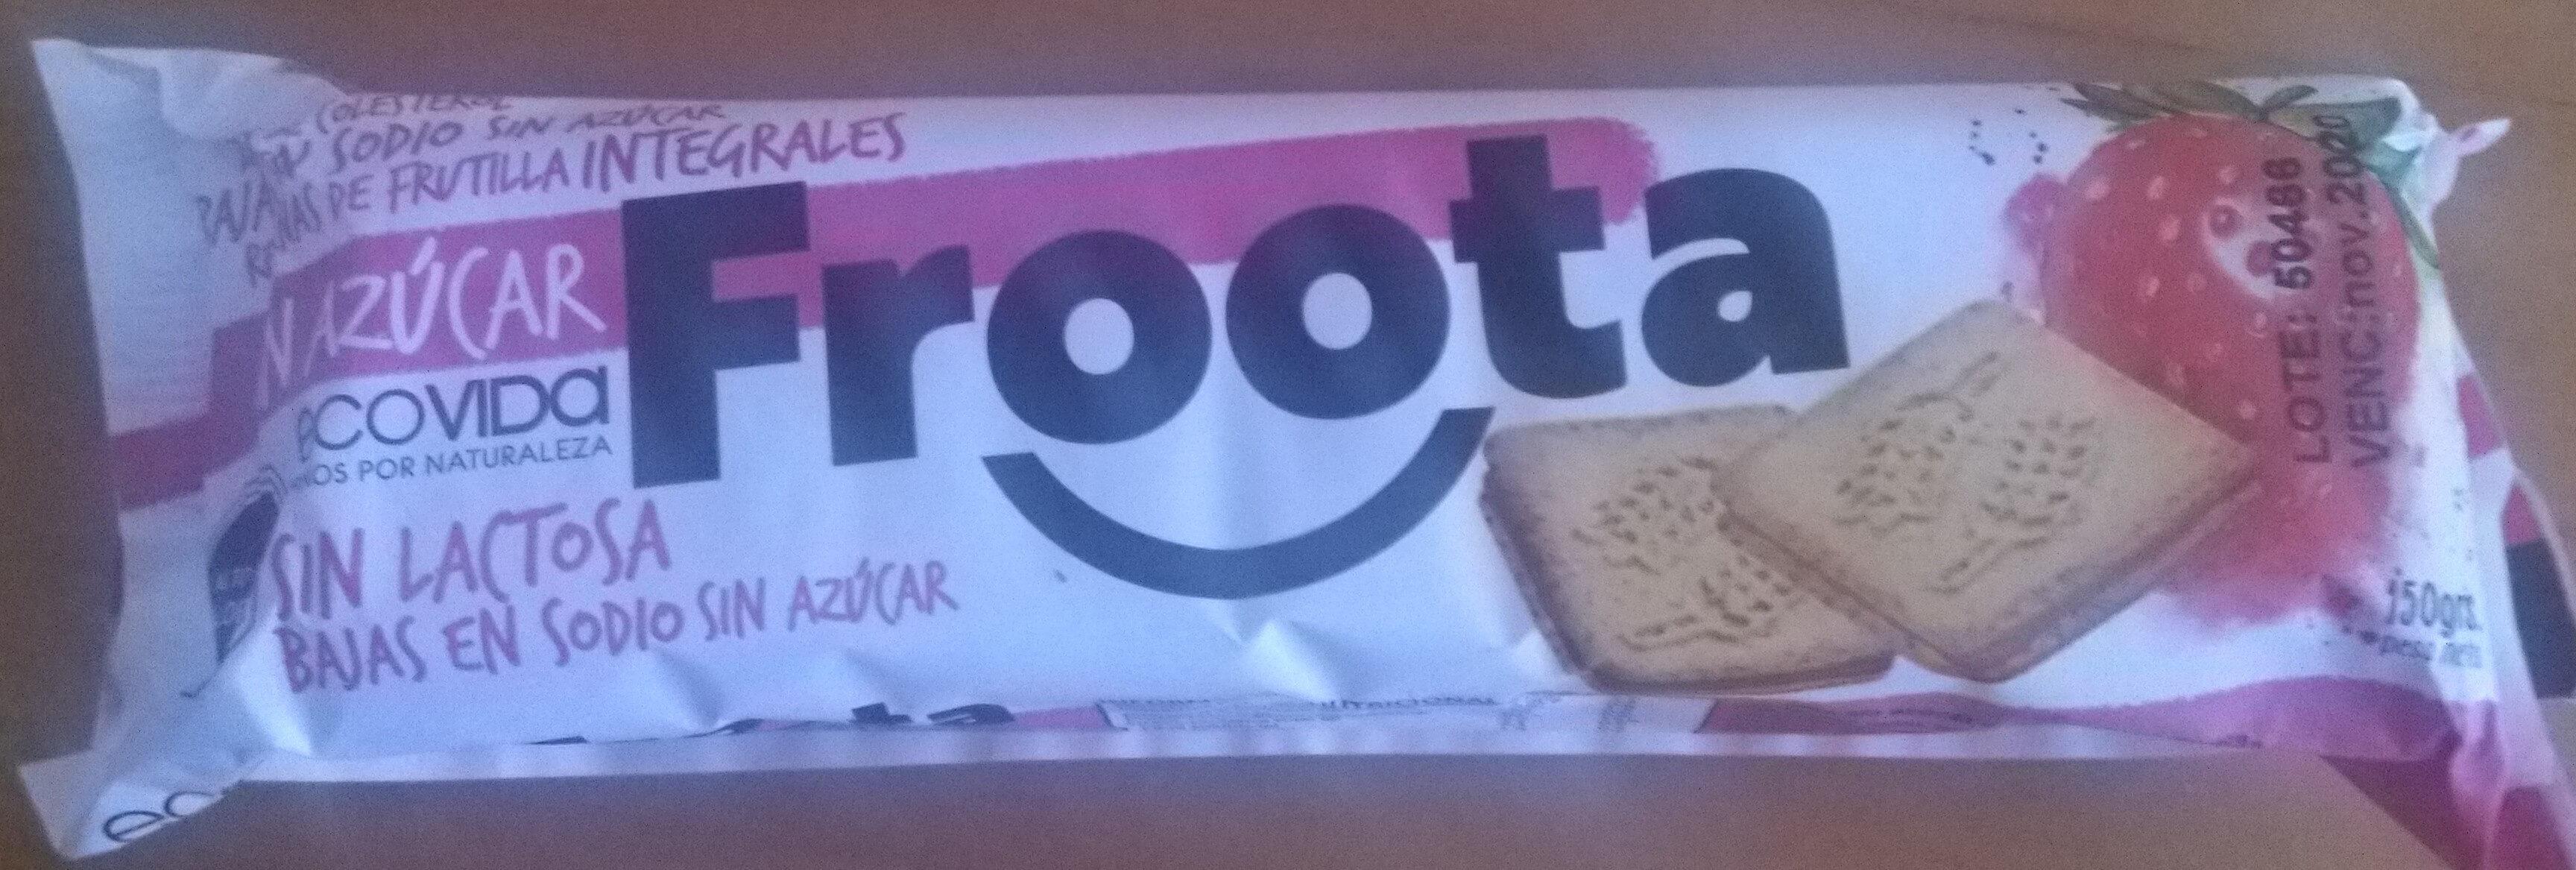 Froota Frutilla - Product - es